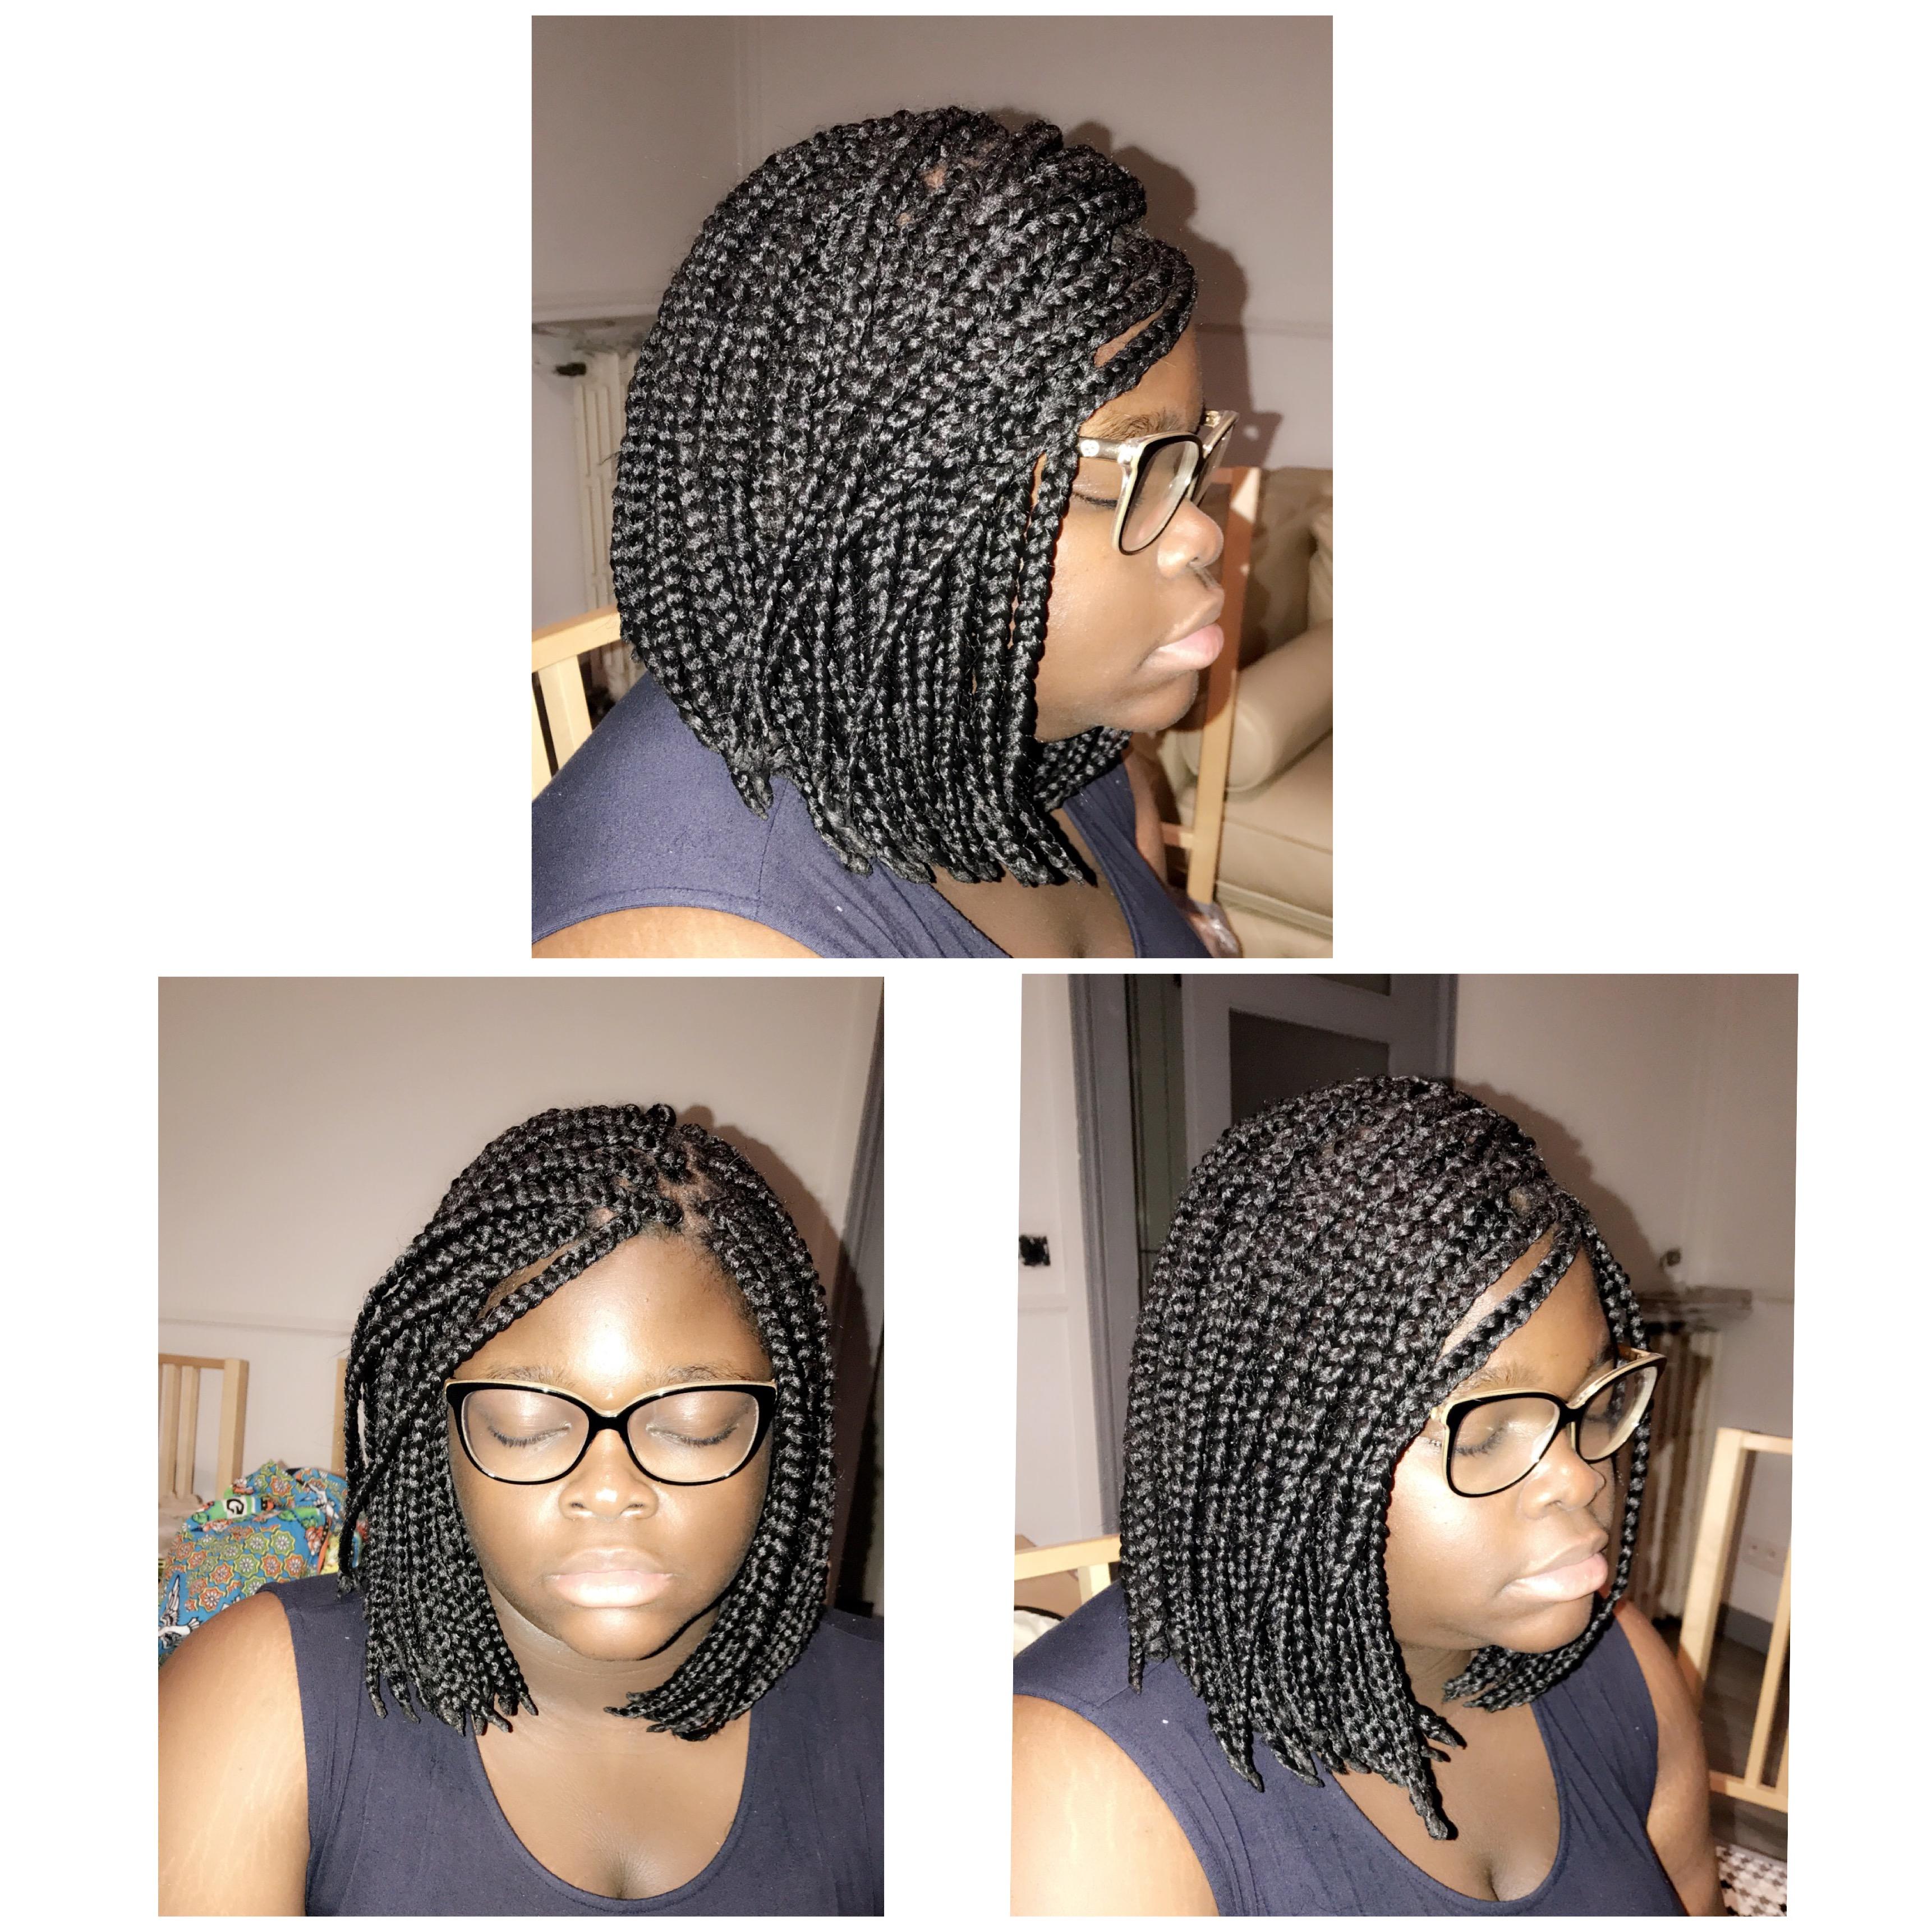 salon de coiffure afro tresse tresses box braids crochet braids vanilles tissages paris 75 77 78 91 92 93 94 95 TTCMUMDG